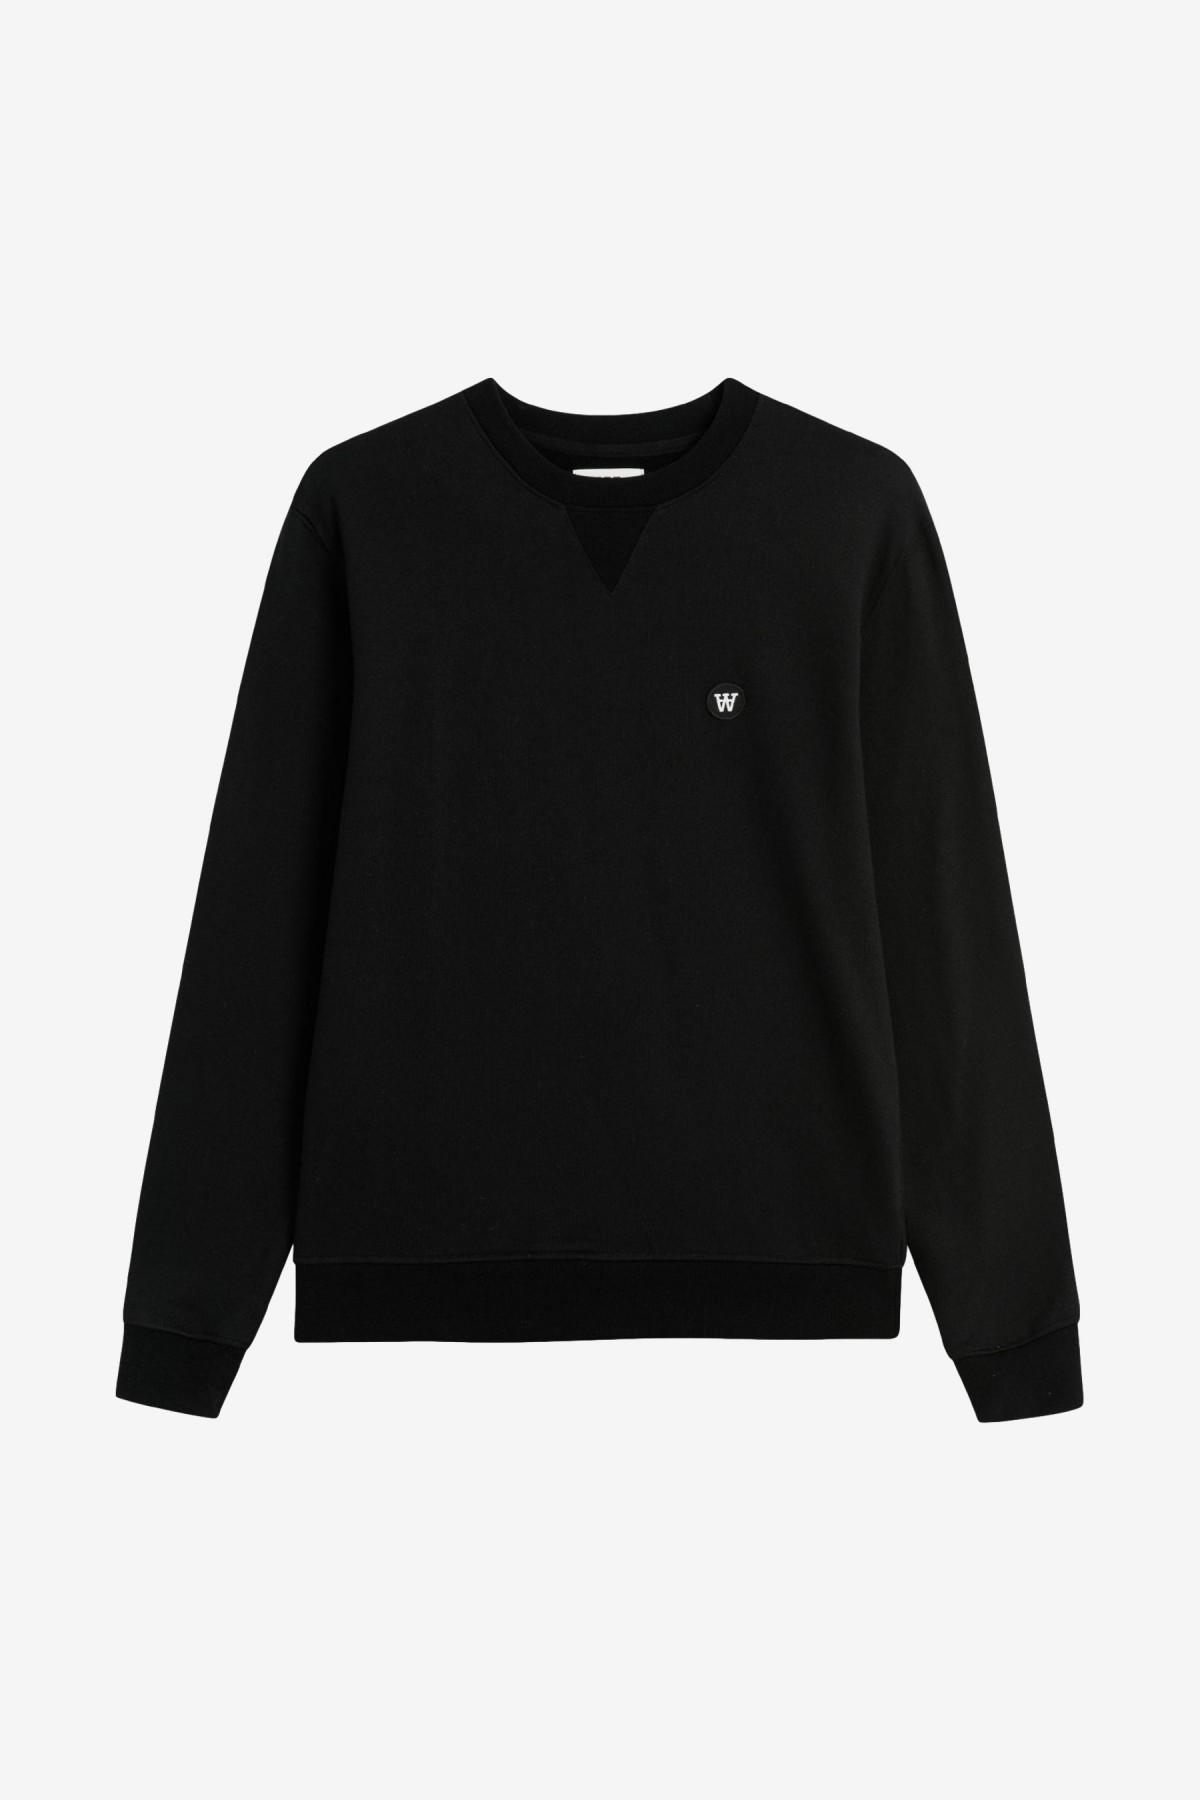 Wood Wood Tye Sweatshirt in Black